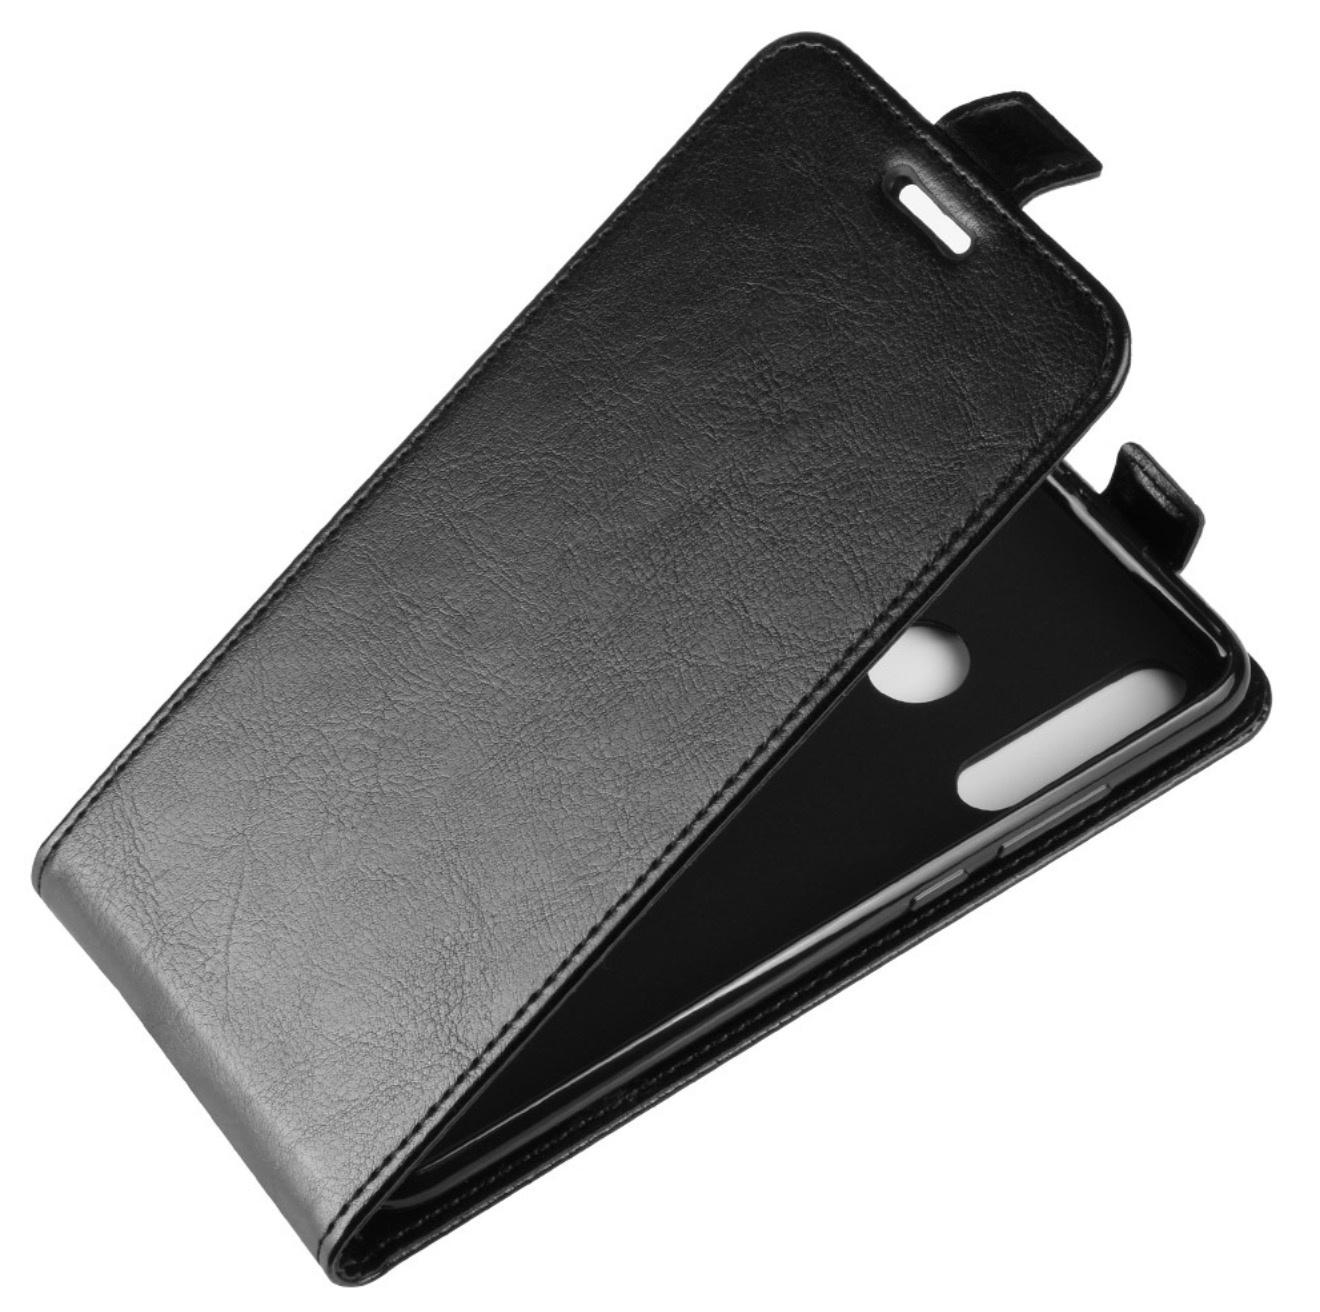 Чехол-флип MyPads для HTC Desire 616 Dual sim  вертикальный откидной черный